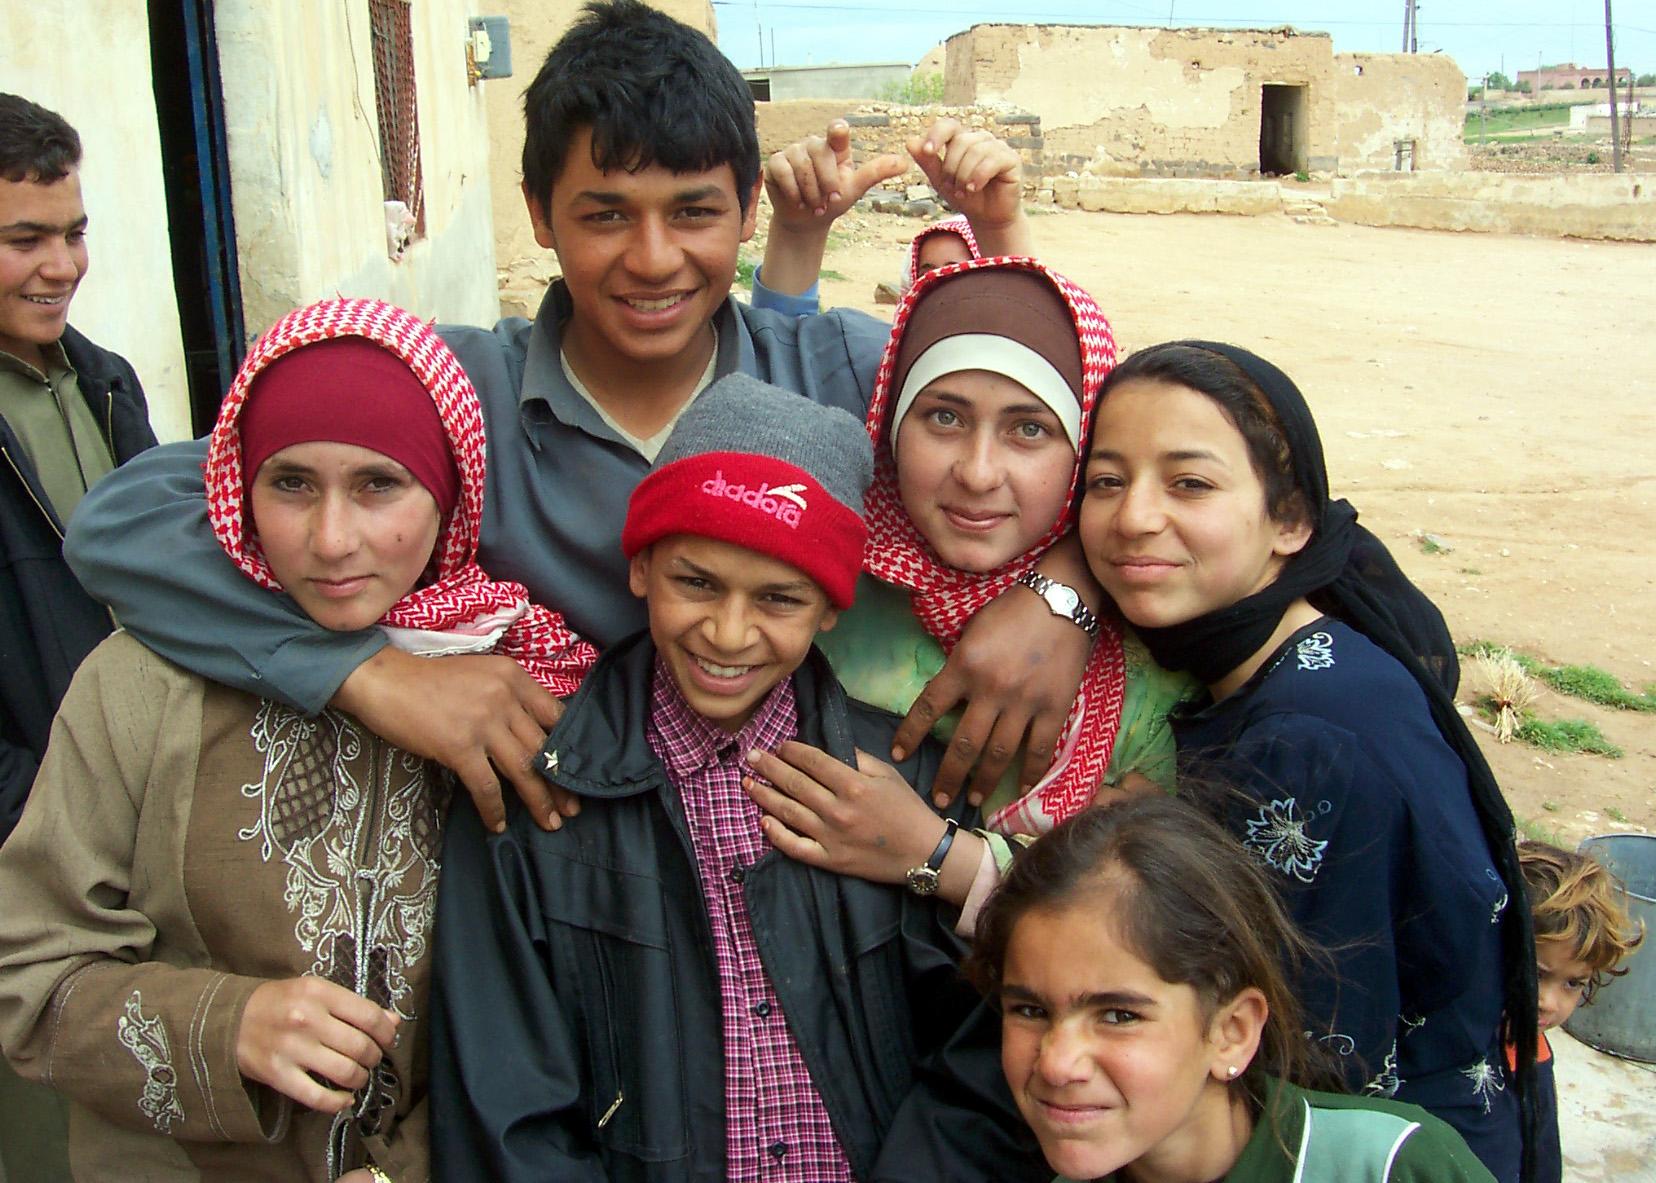 Bedu_children,_Aleppo,_Syria_-_1